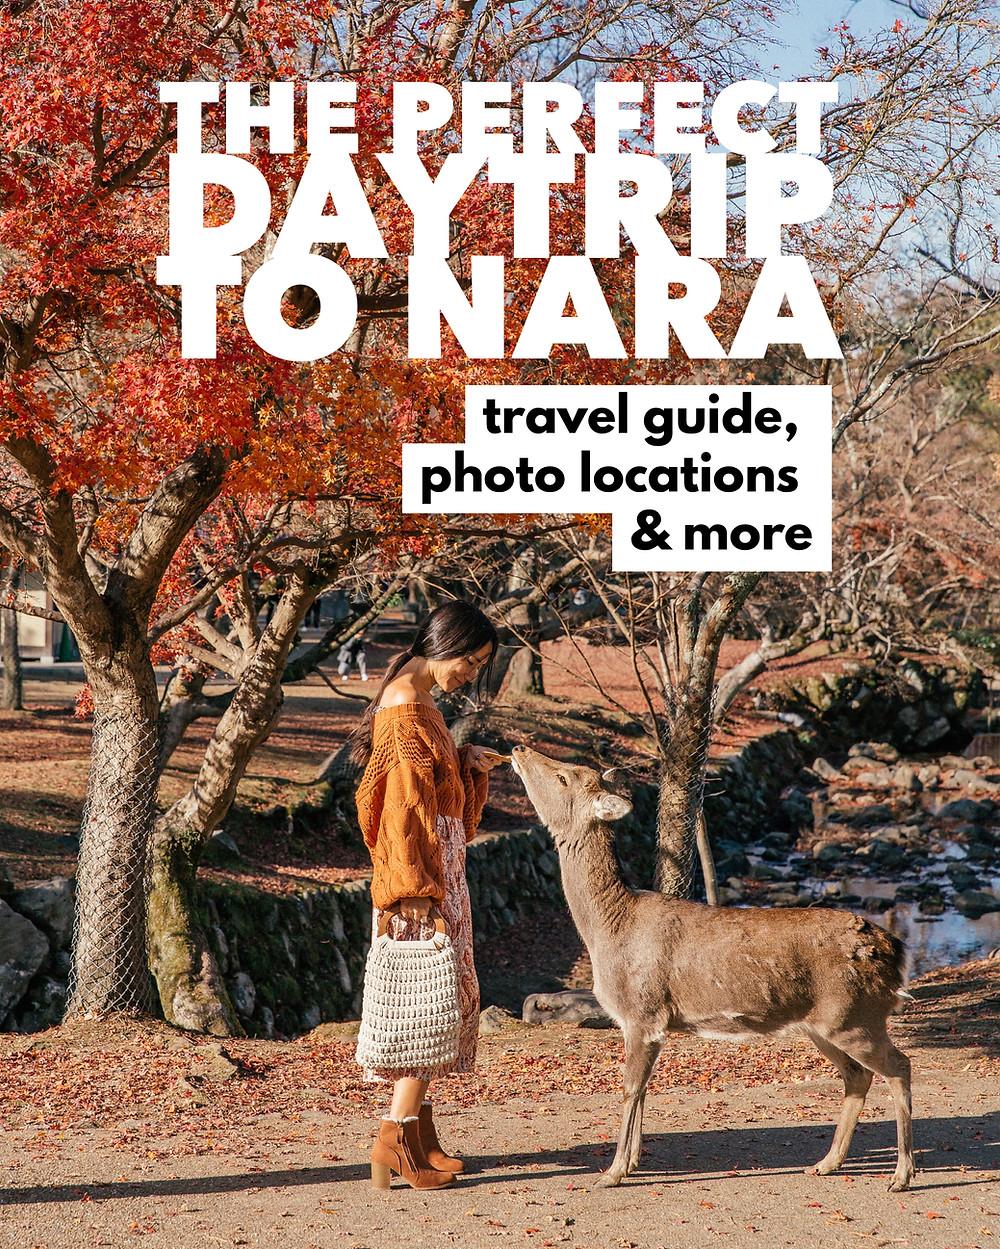 Nara, Japan Daytrip Travel Guide